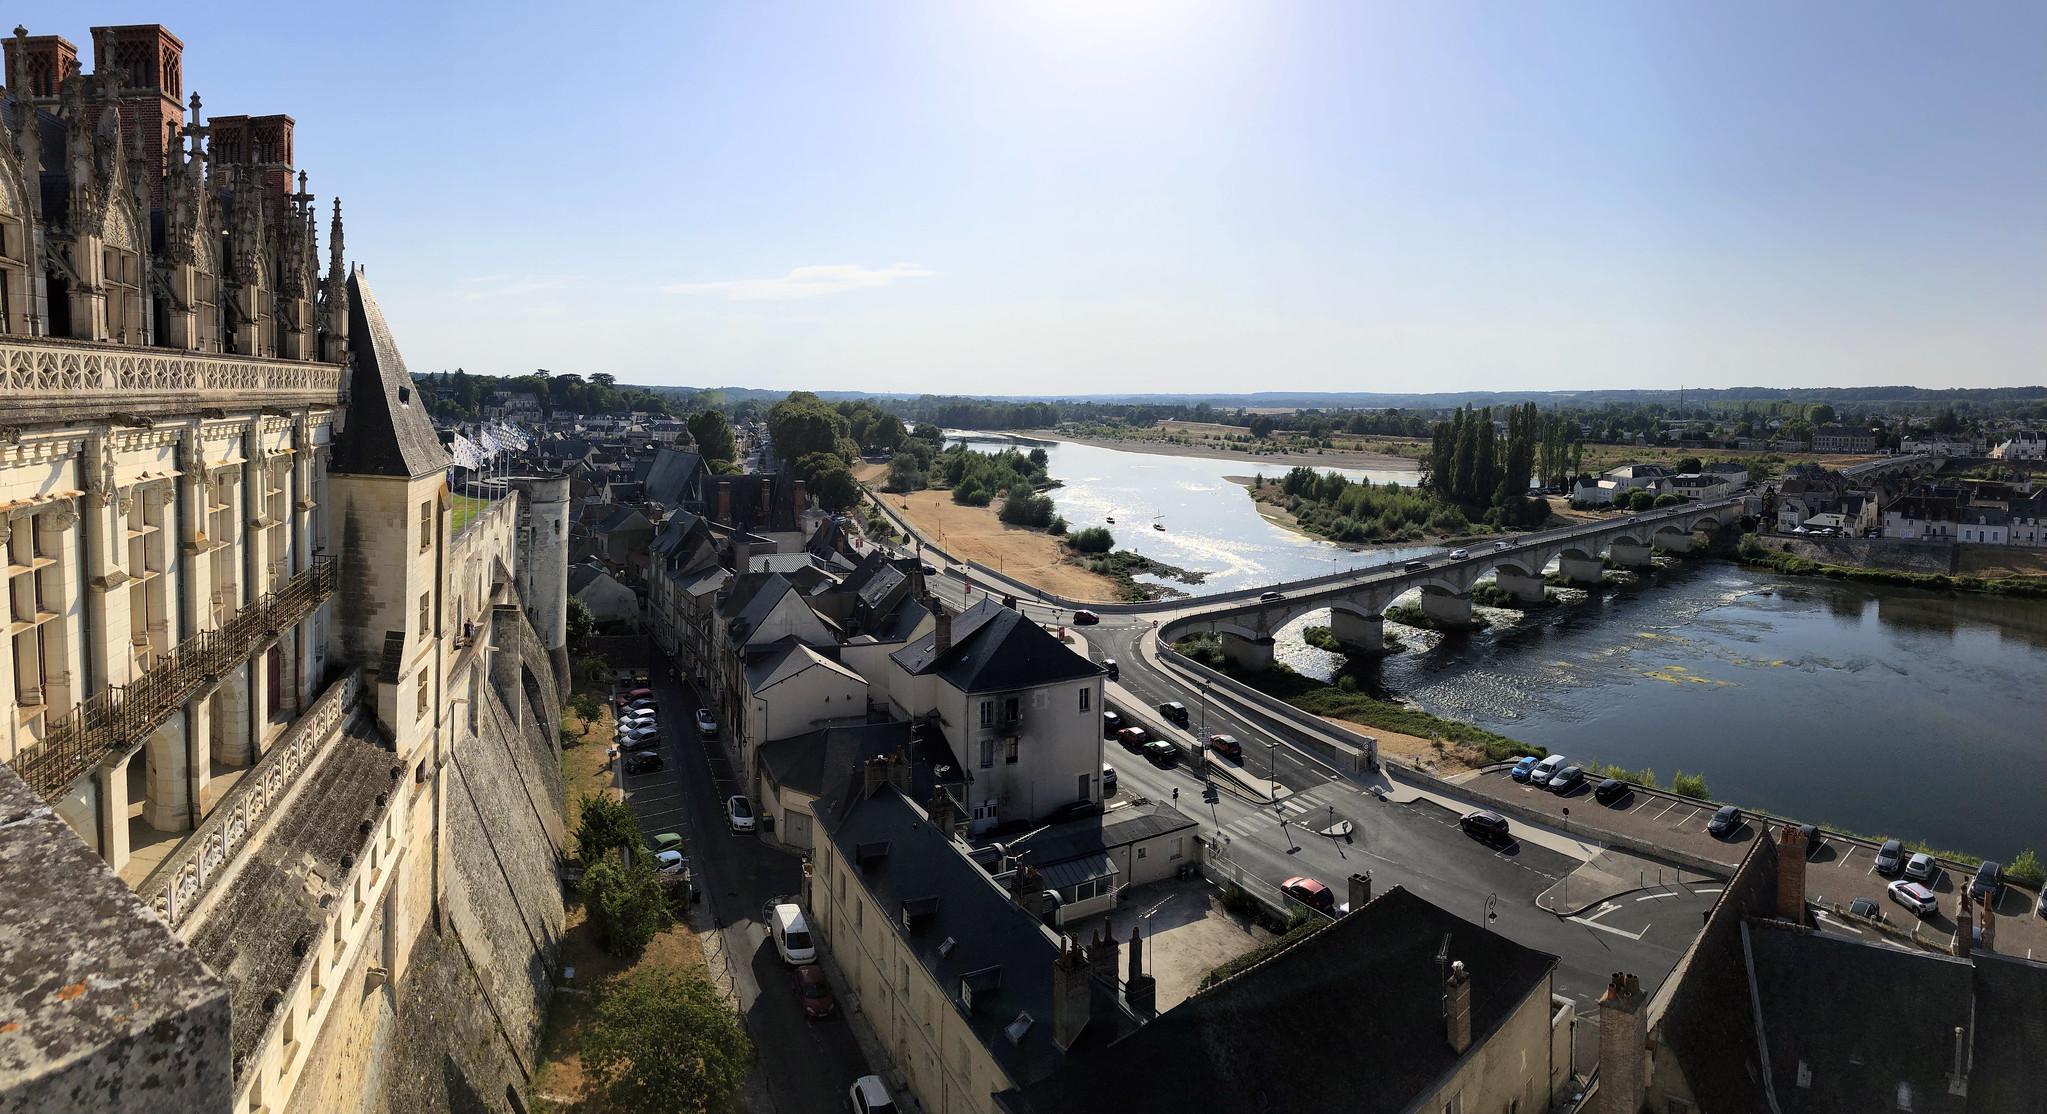 Valle del Loira en 2 días, Francia - Amboise, Tours, Chenonceau valle del loira en 2 días - 48643937432 308187cab8 k - Valle del Loira en 2 días